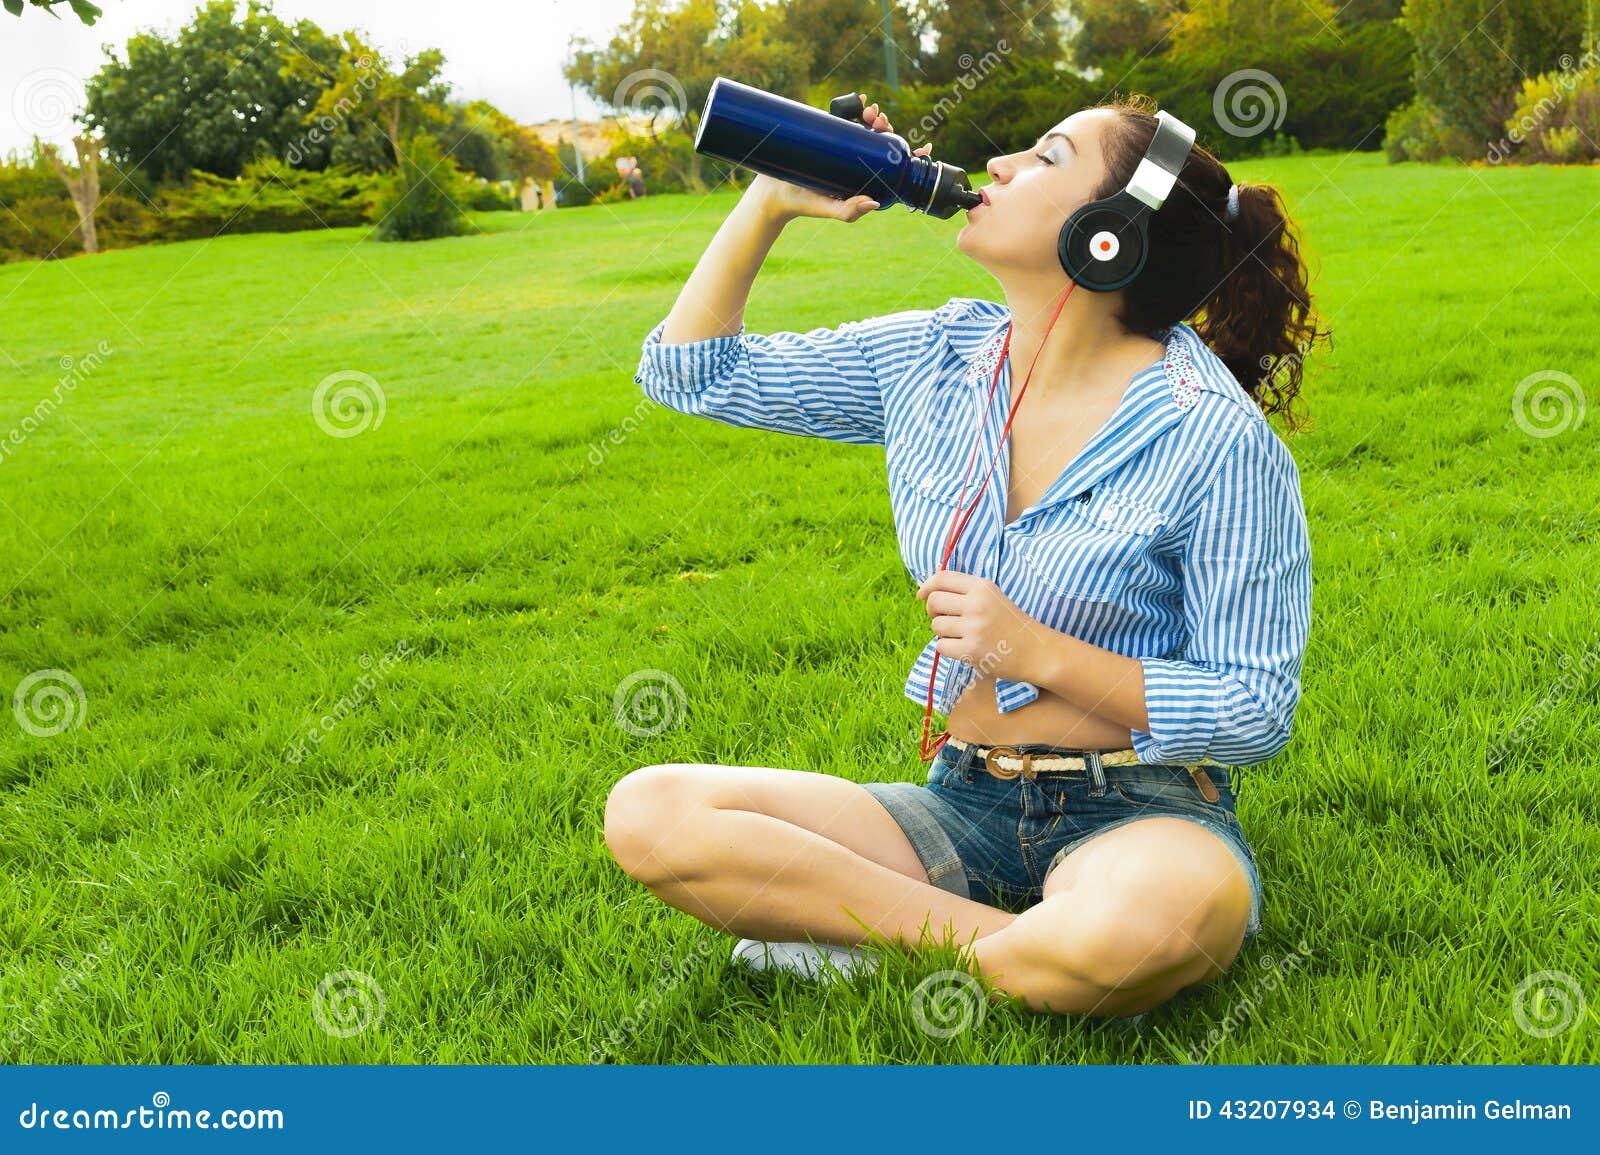 Download Drinkvatten från en termos arkivfoto. Bild av dricka - 43207934